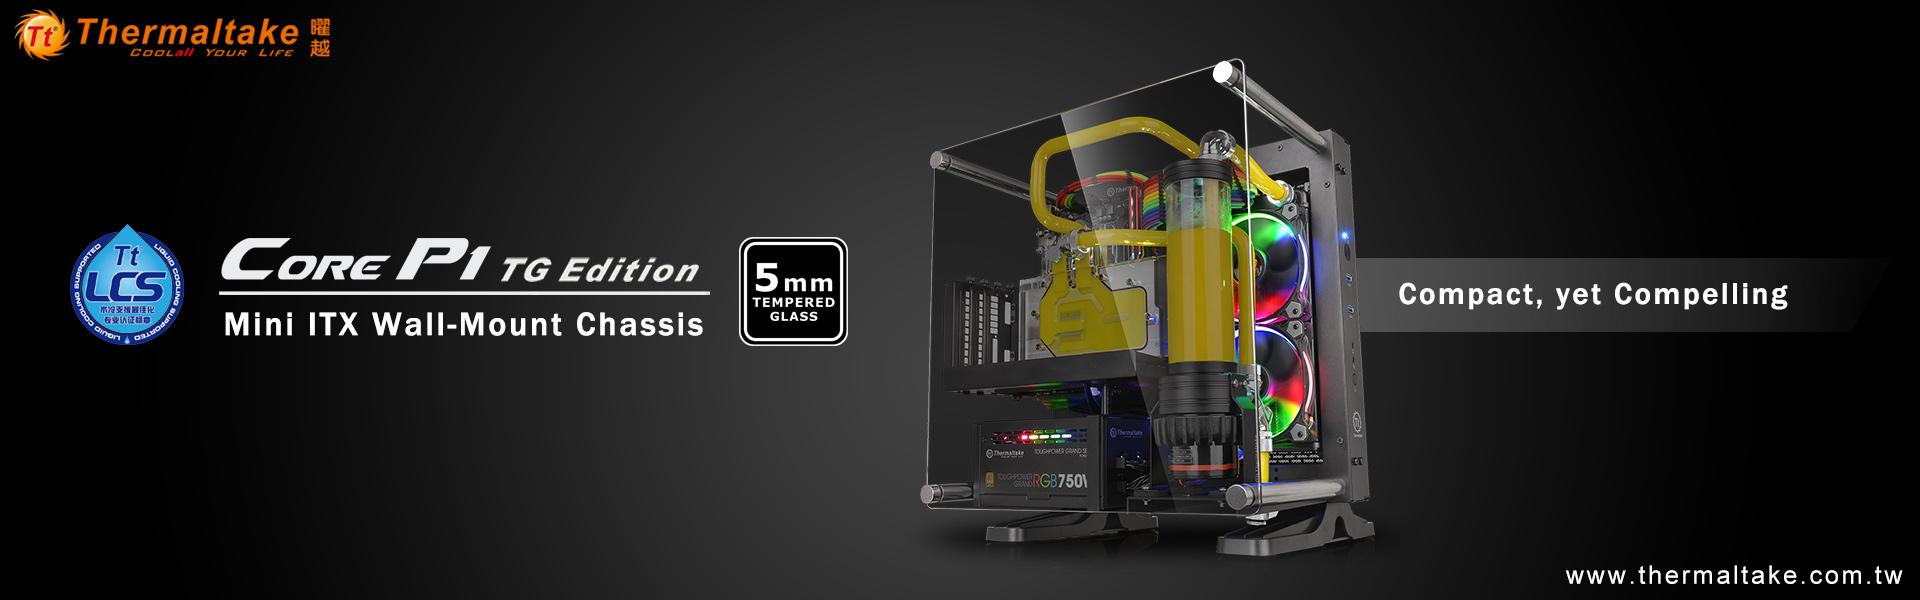 曜越全新Core P1 TG壁掛式迷你ITX鋼化玻璃機殼 Tt LCS Certified水冷認證,靈活空間展外FUN格局,組裝樂趣新享受!